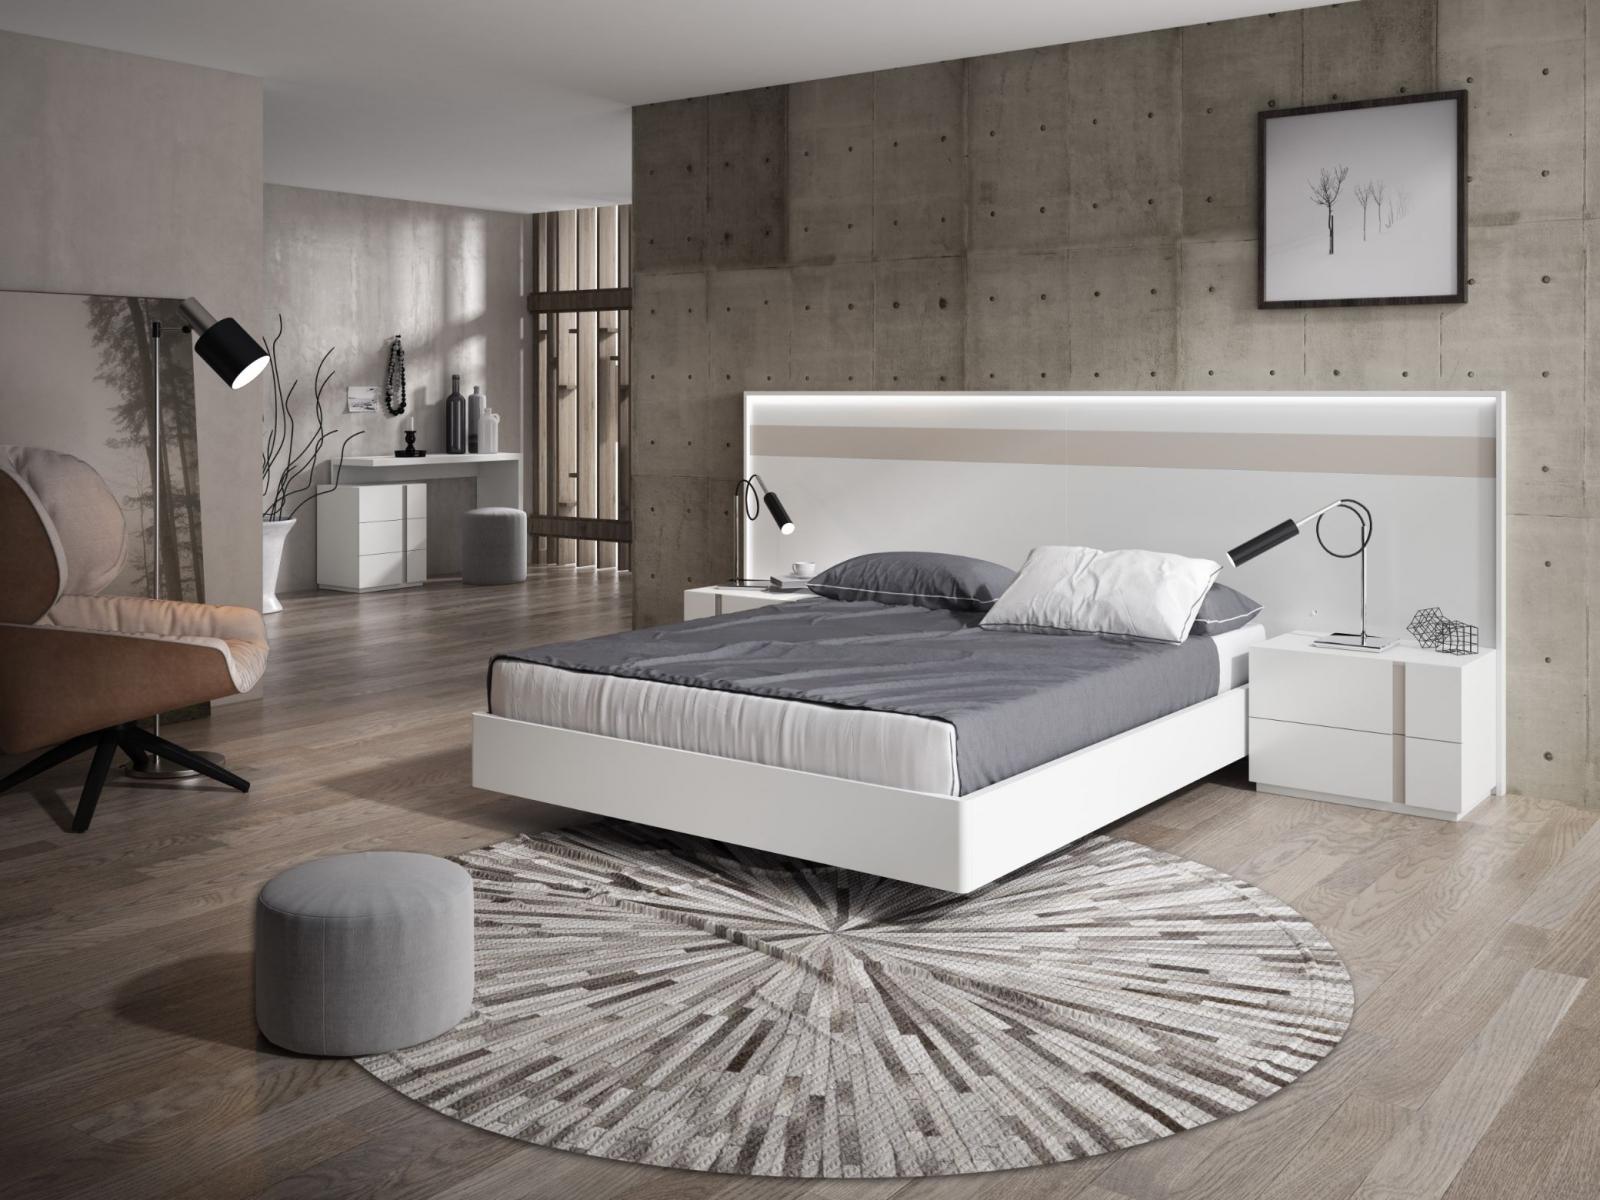 Conjunto de Dormitorio FINE-5 - Conjunto de Dormitorio FINE-5